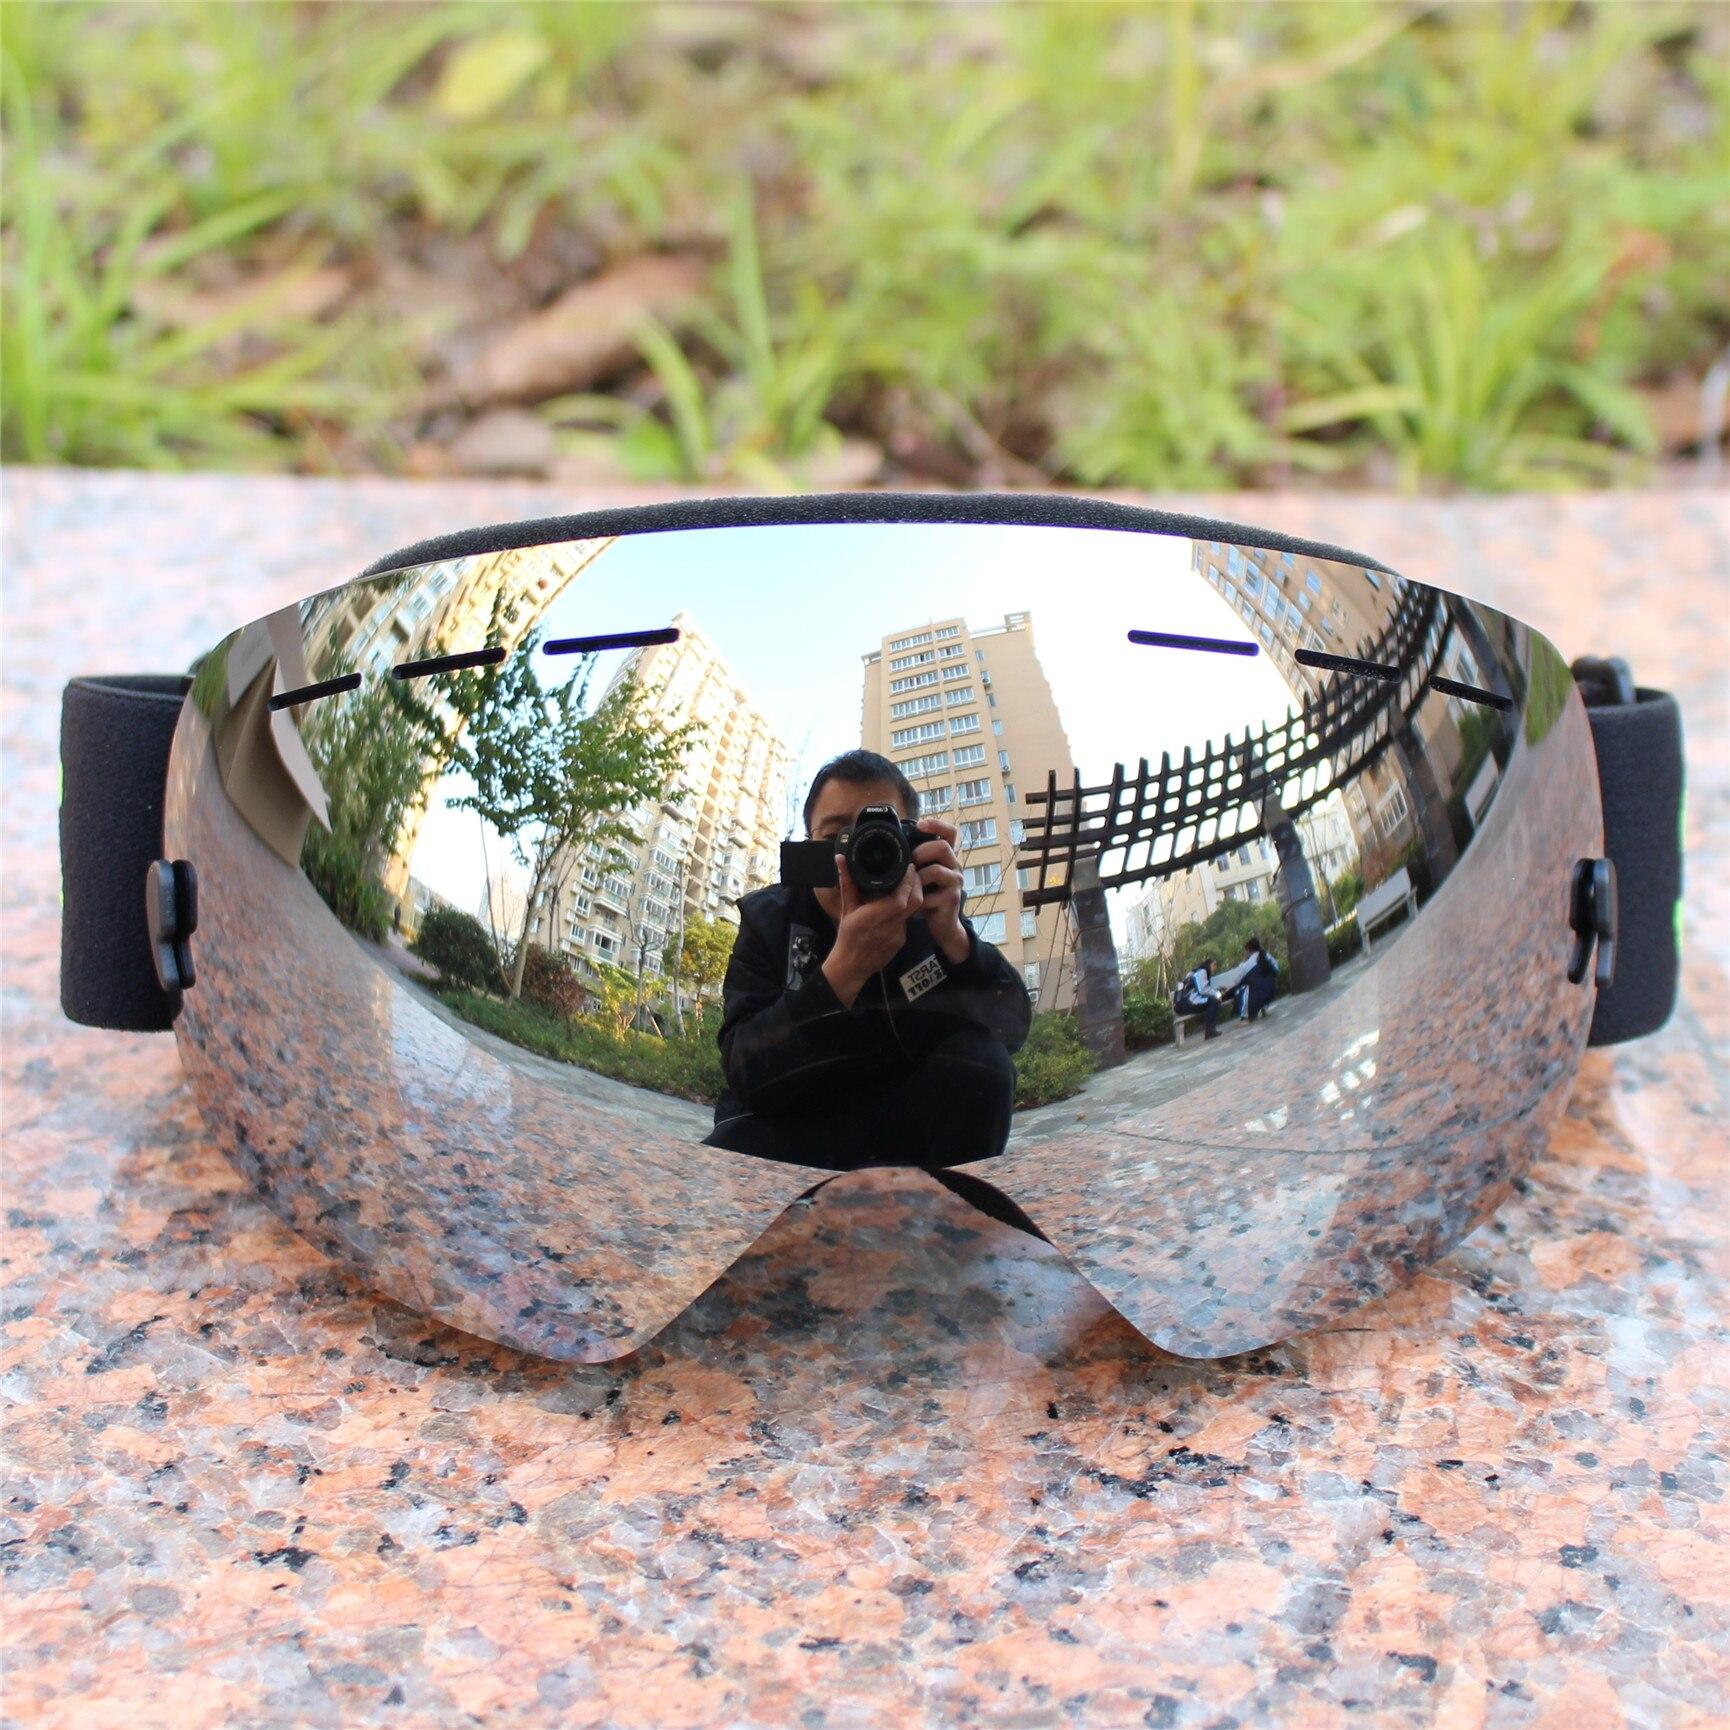 De esquí profesional gafas capas lente adultos anti-niebla UV400 de esquí gafas esquí snowboard de Las mujeres de los hombres de nieve gafas 025 4 colores